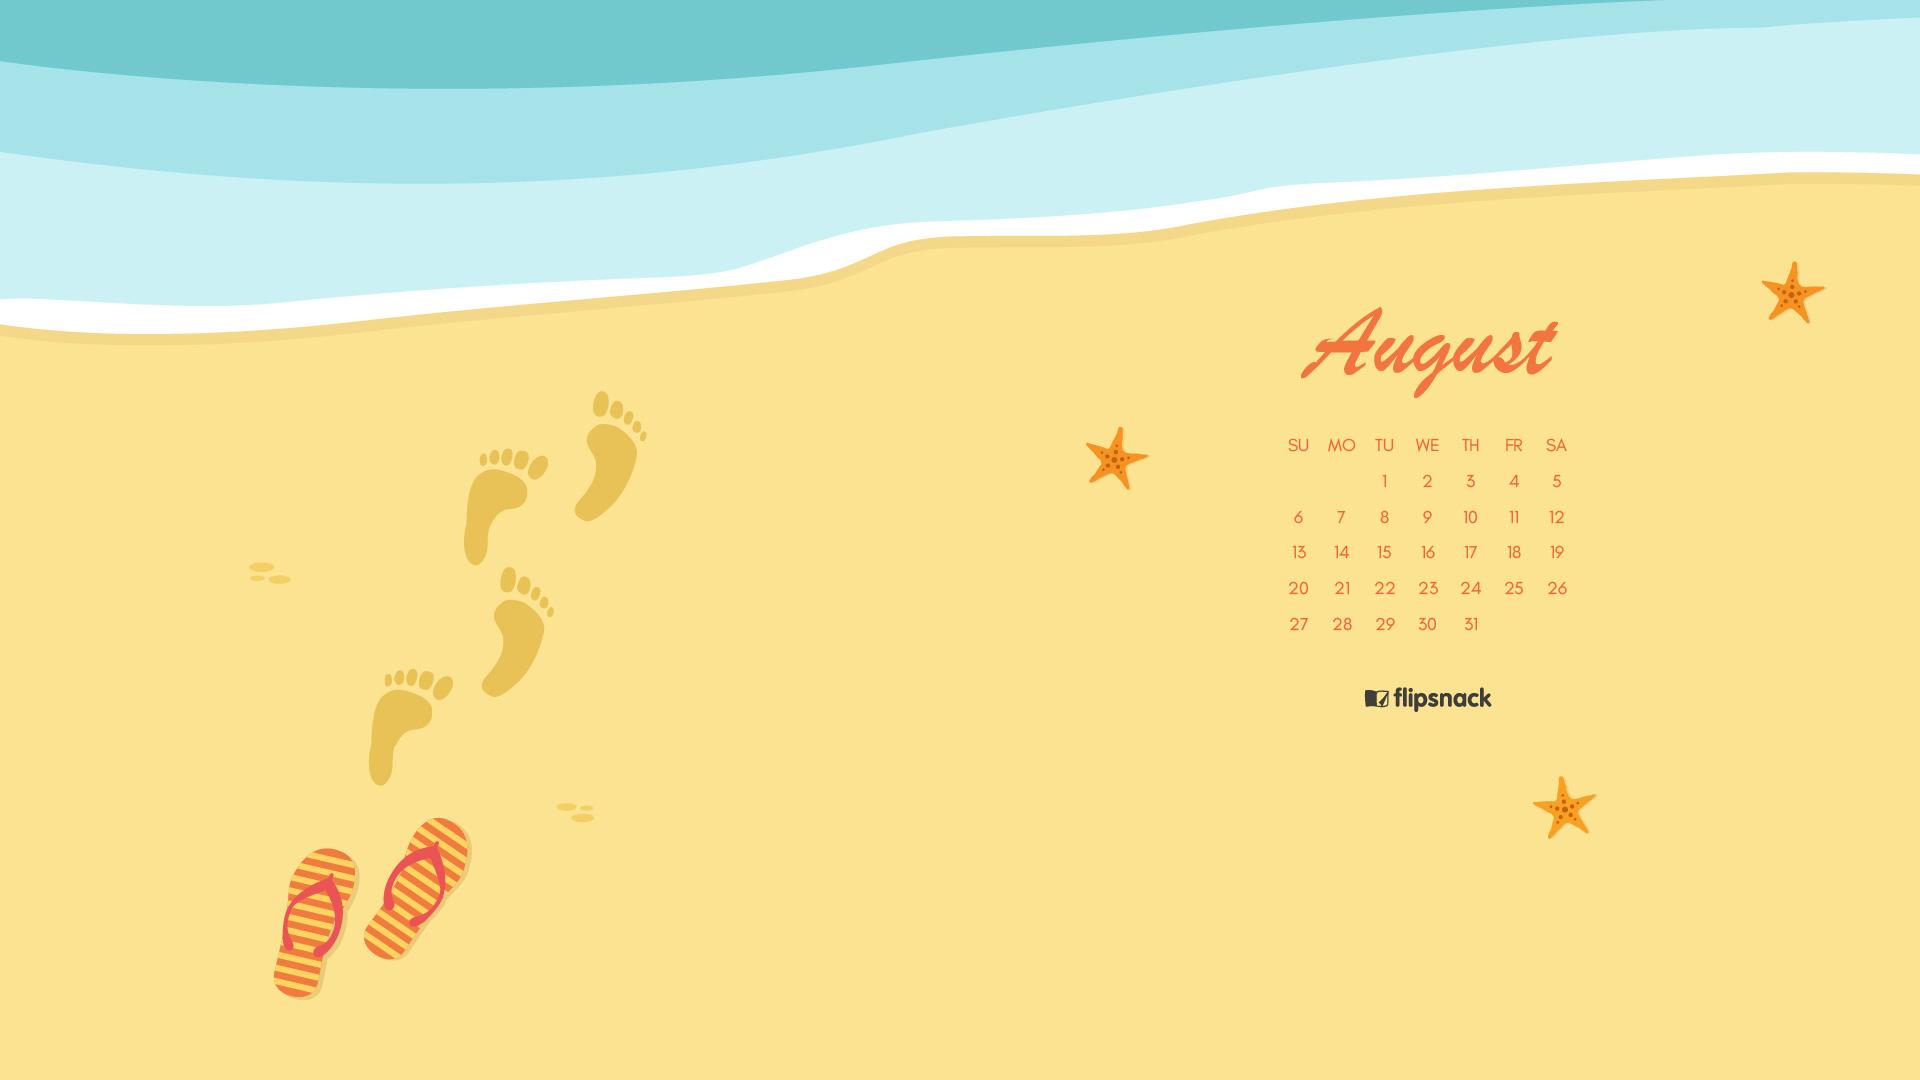 Calendar Wallpaper Live Pc : August calendar wallpaper for desktop background